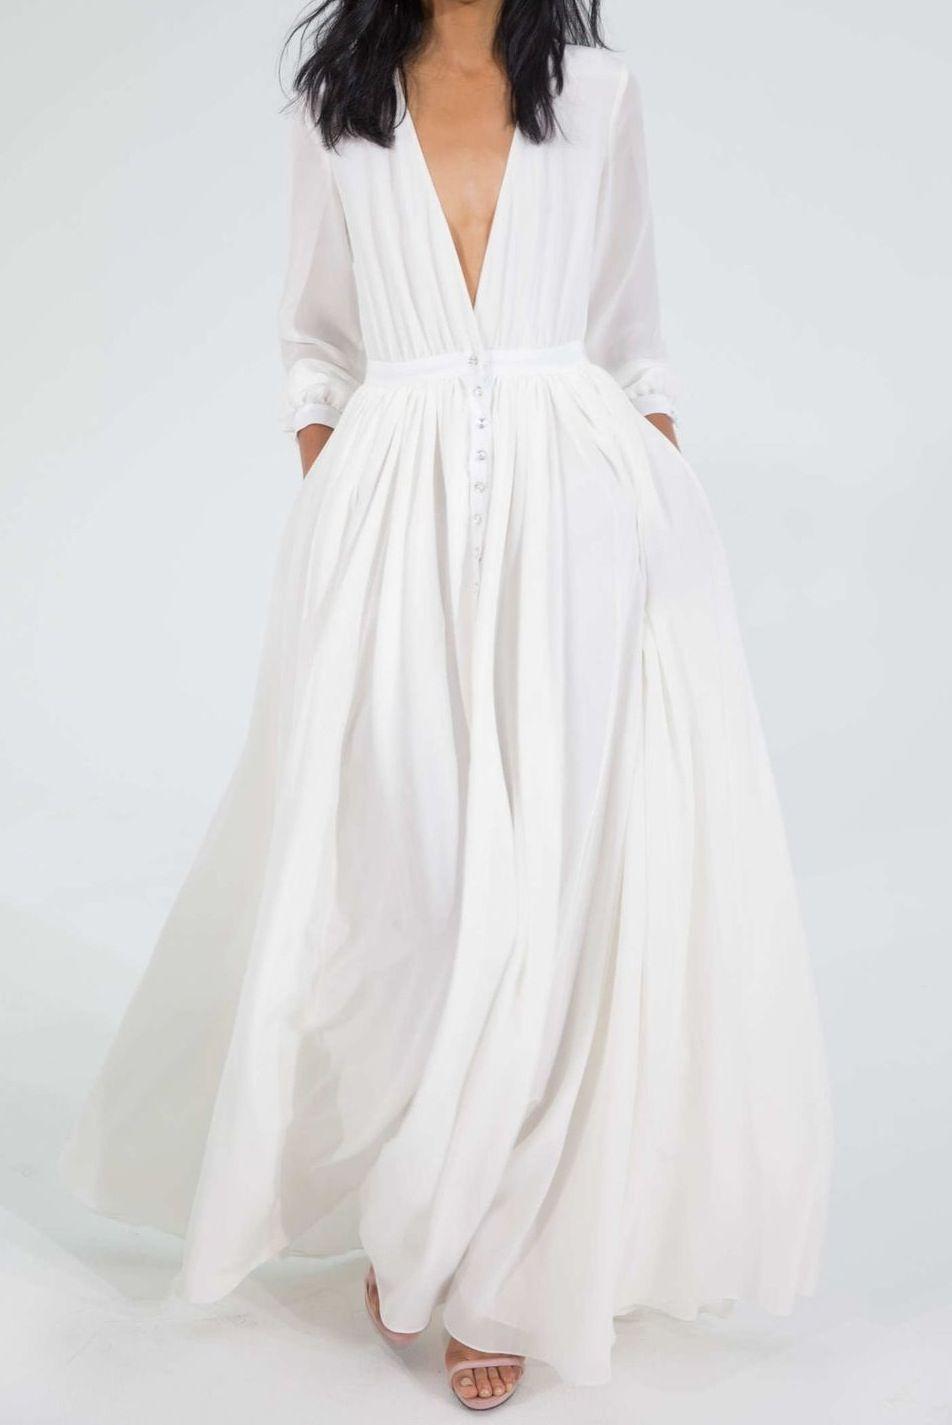 huge discount 07a7a f2119 Houghton. | Blanco | Vestiti, Abiti lunghi bianchi e Abito ...